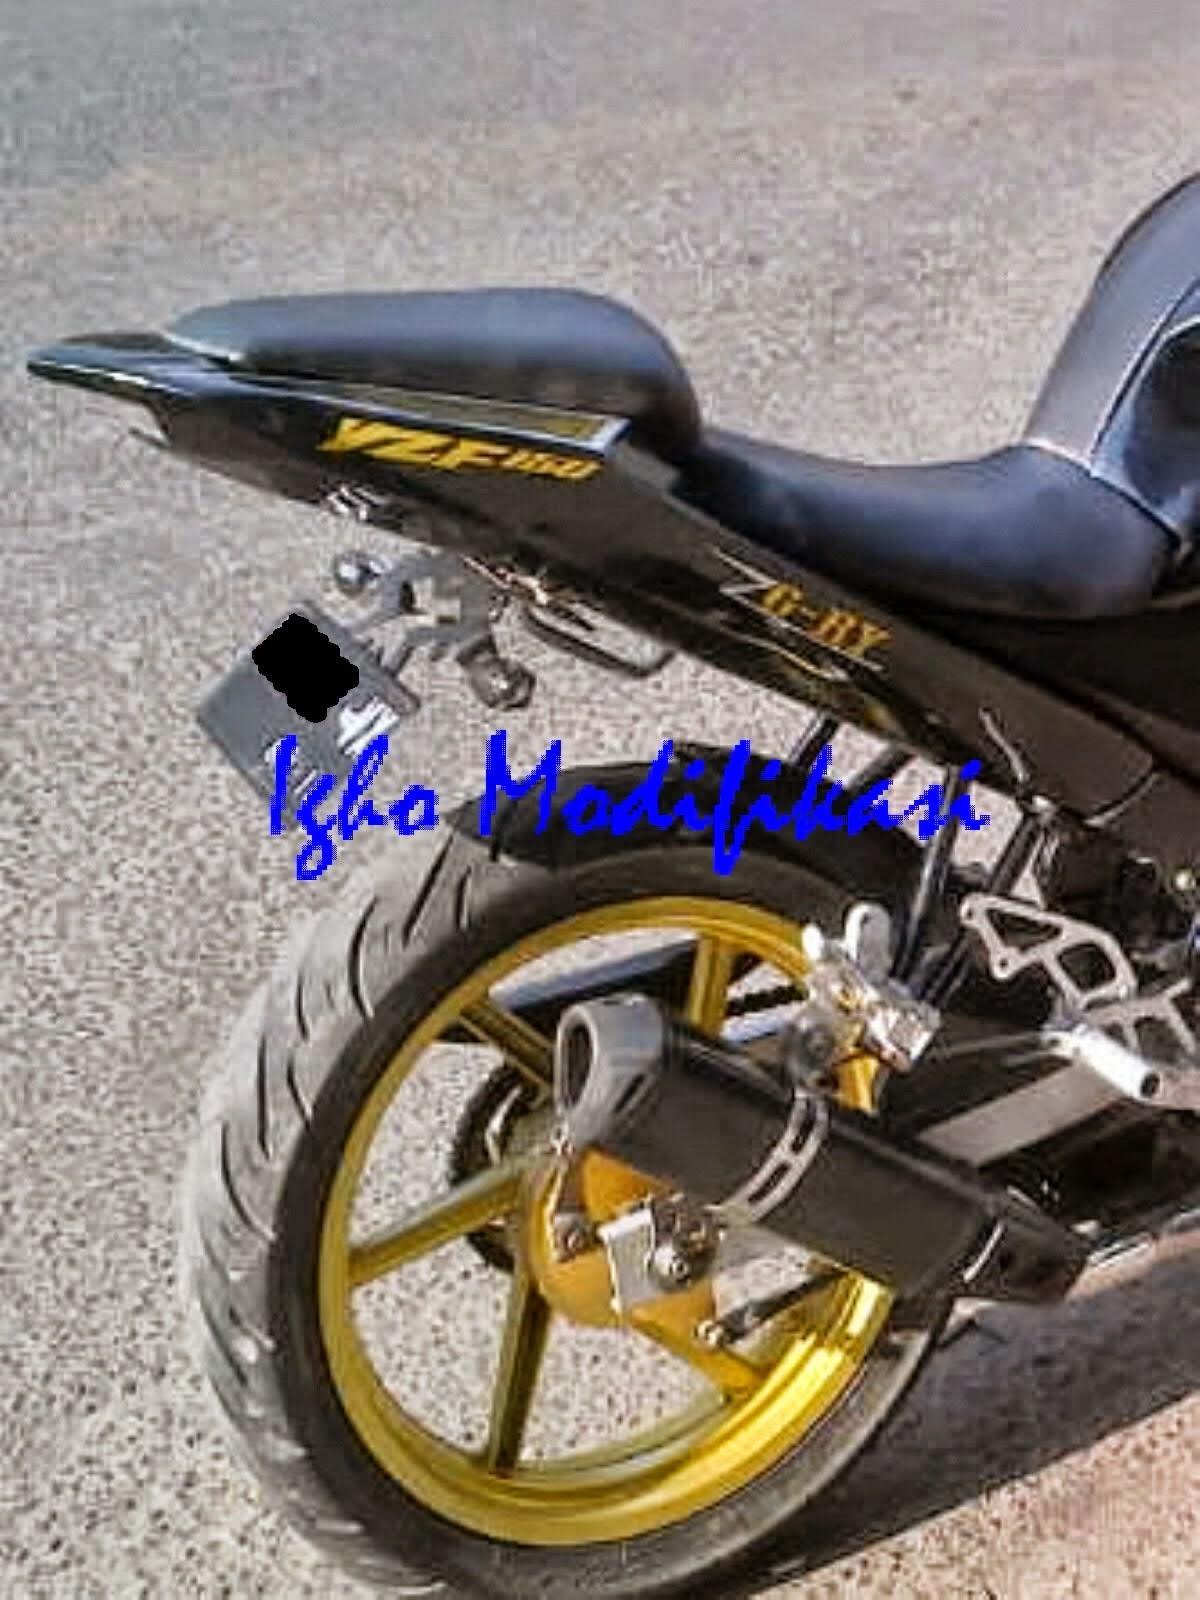 109 Modif Spakbor Belakang Vixion Lama Modifikasi Motor Vixion Terbaru